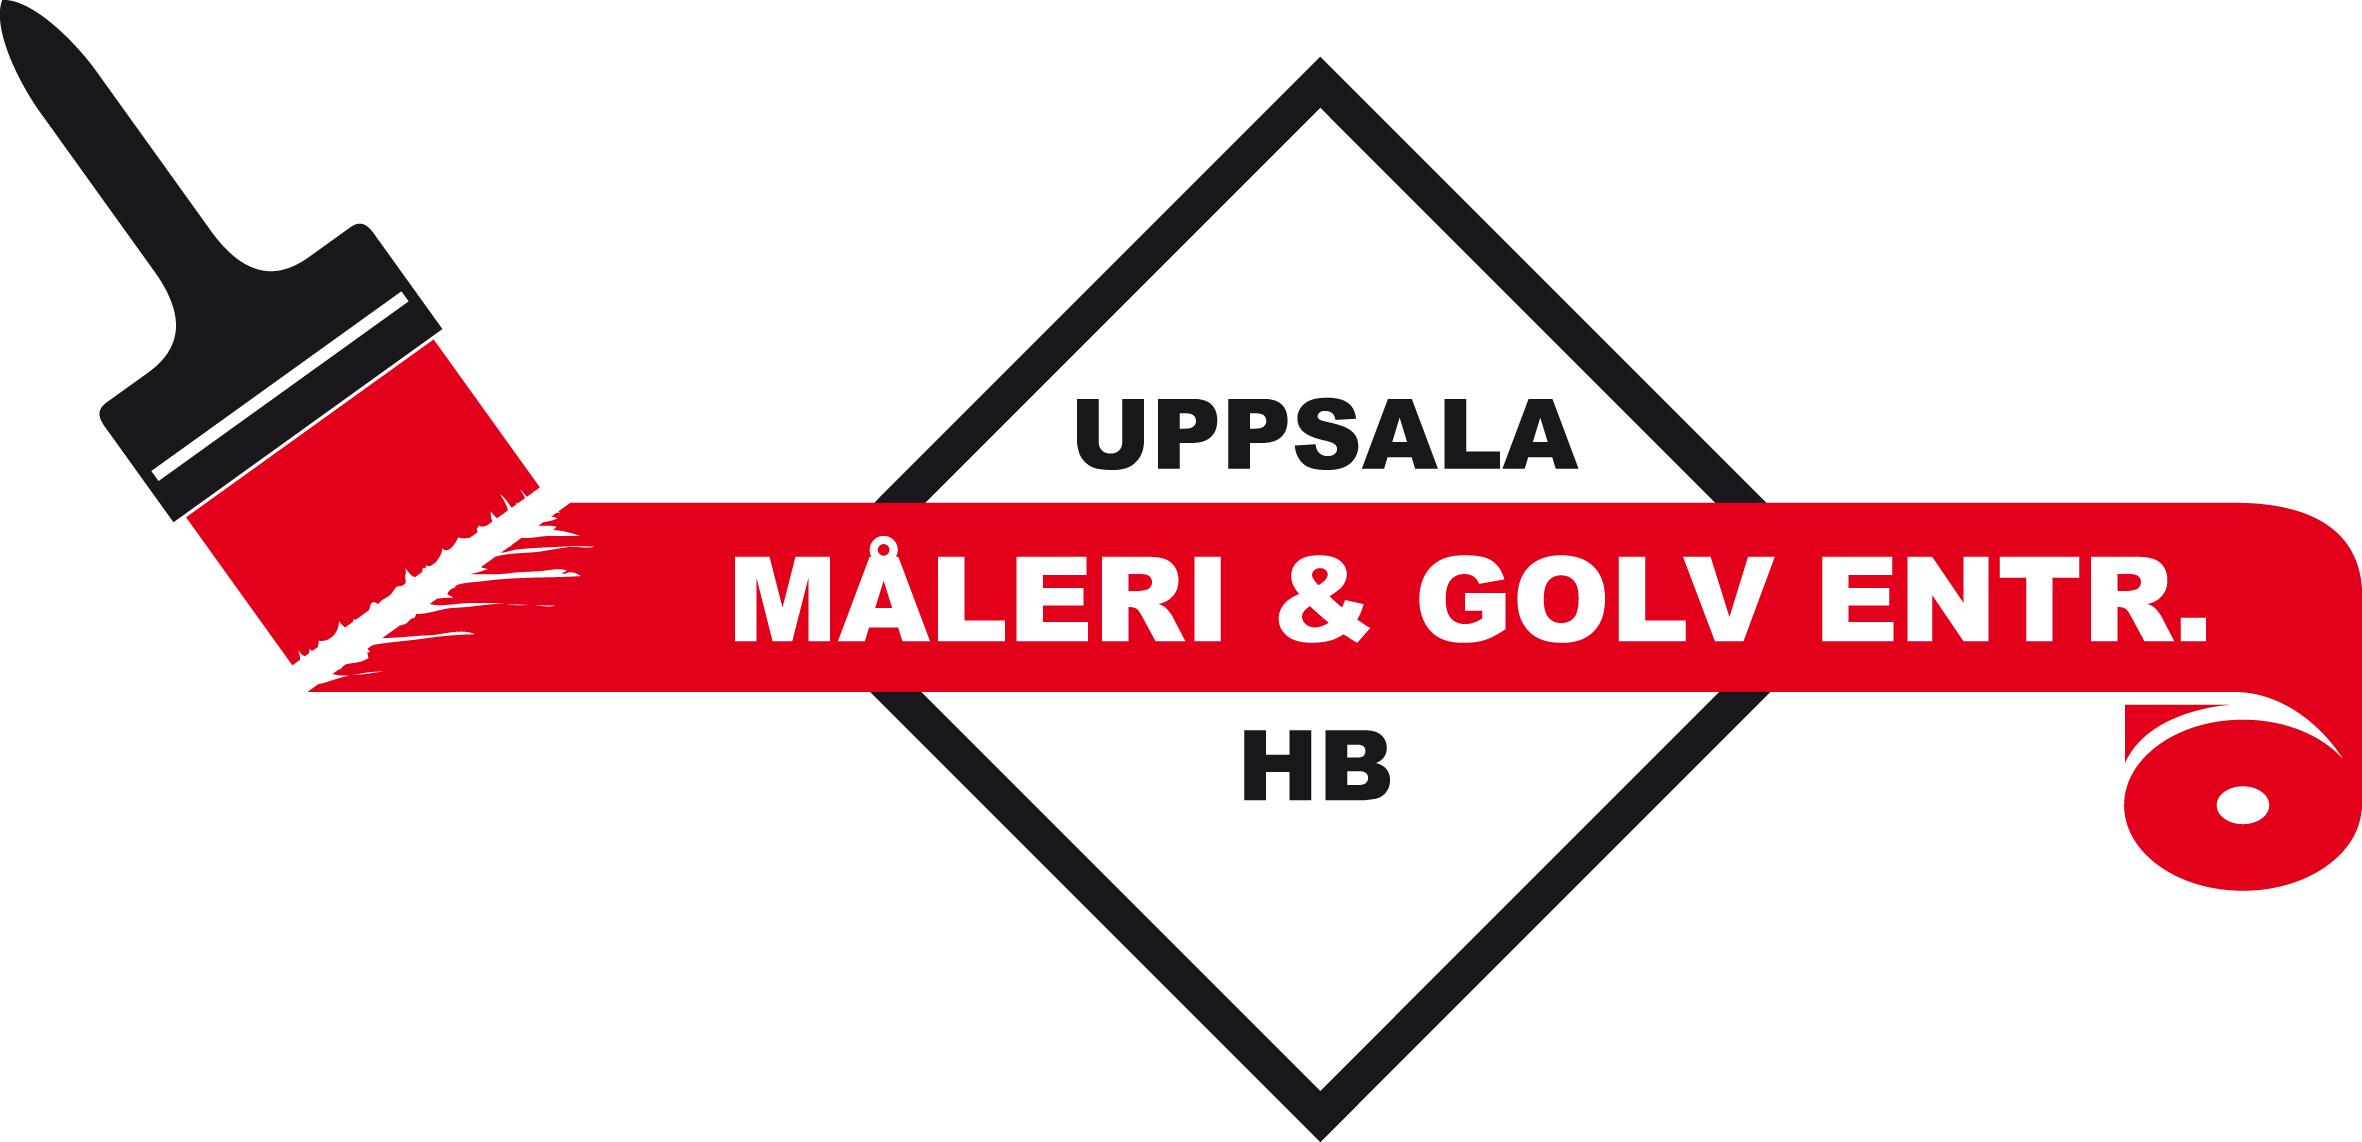 Uppsala Måleri & Golv